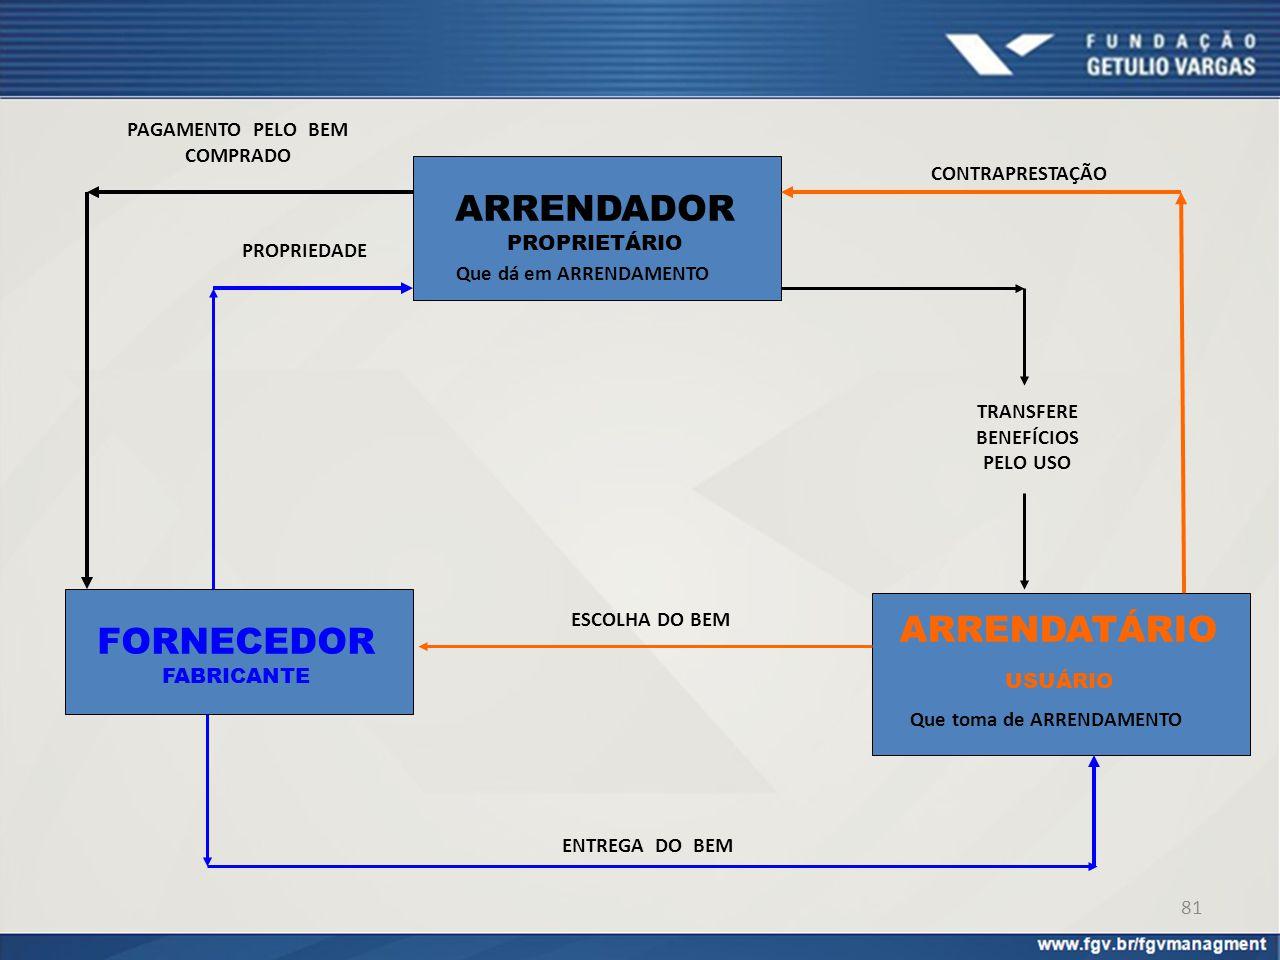 ARRENDADOR ARRENDATÁRIO FORNECEDOR PAGAMENTO PELO BEM COMPRADO